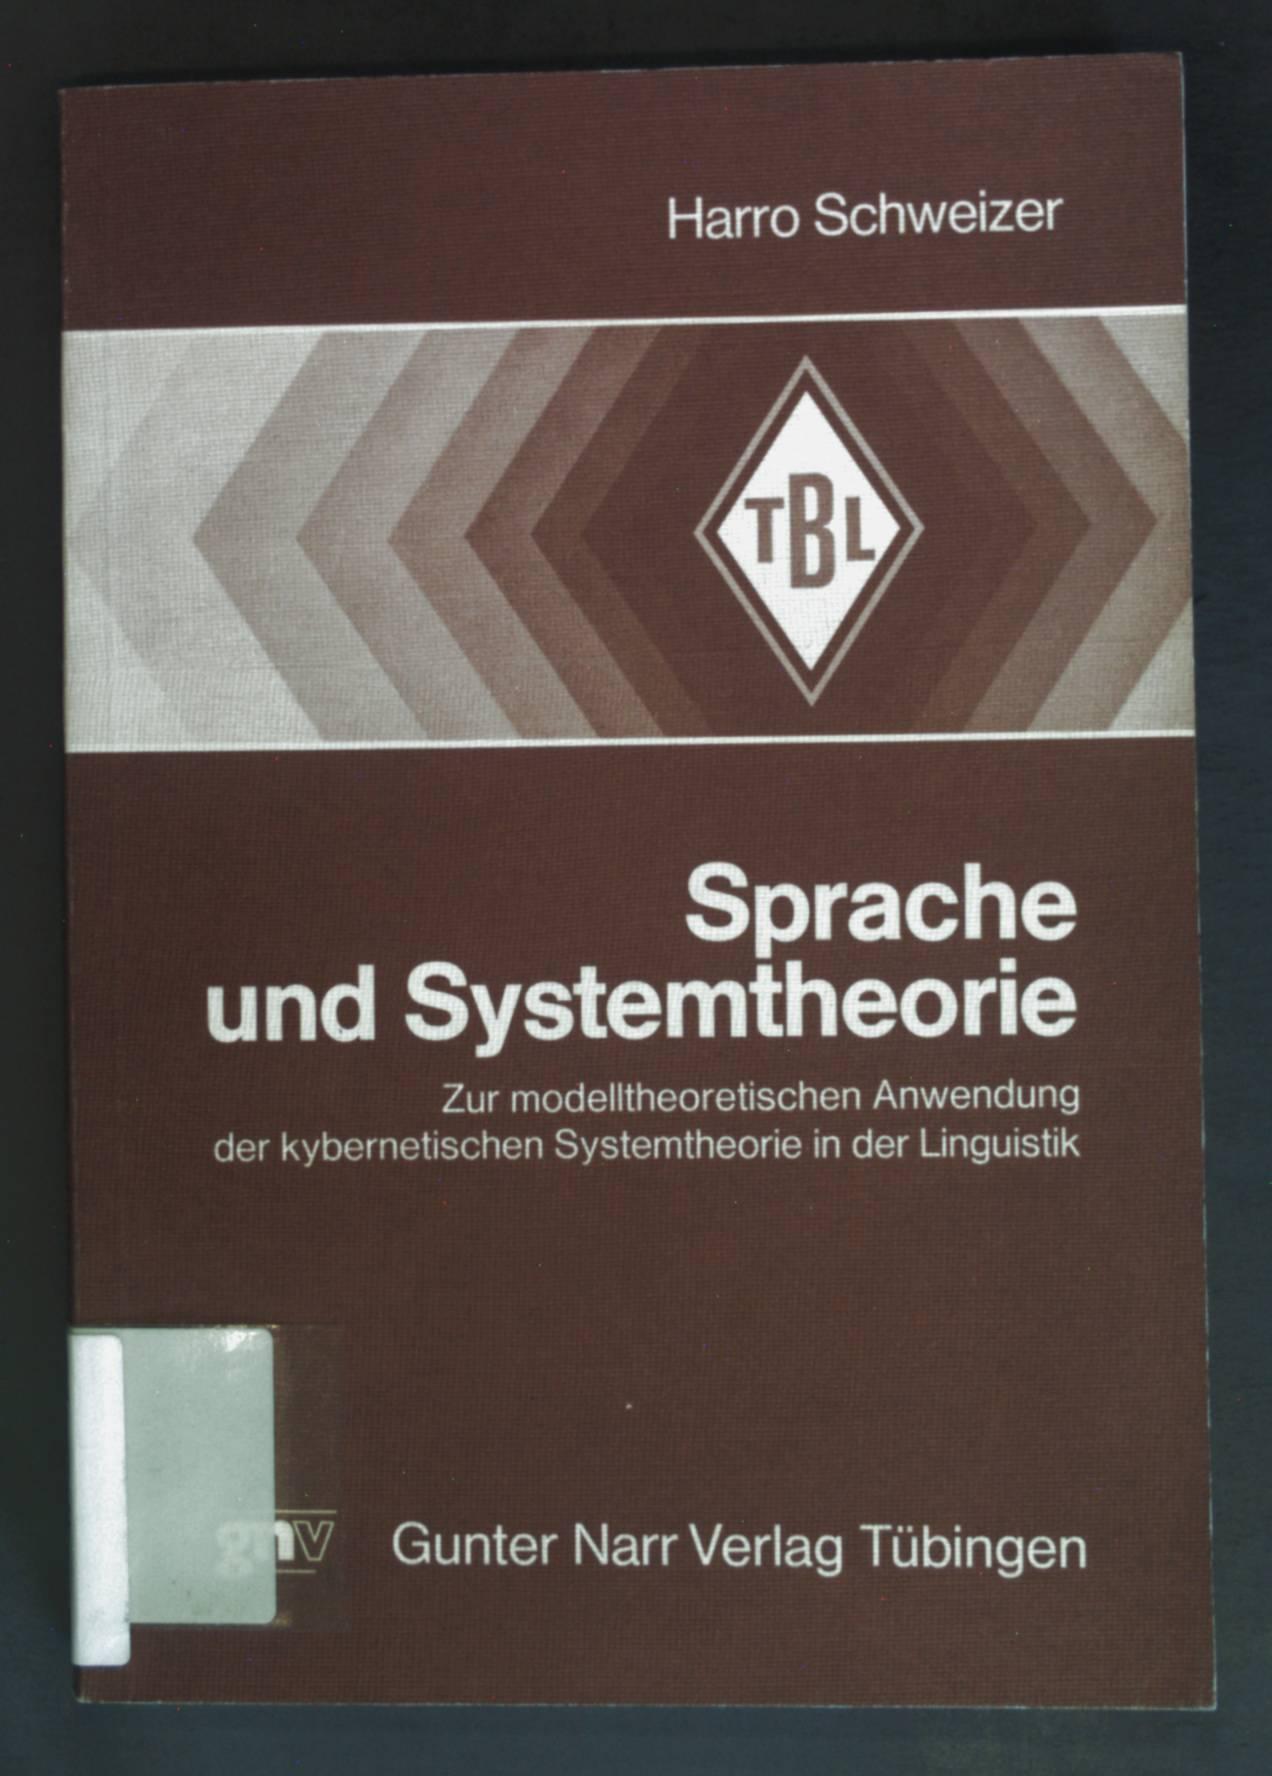 Sprache und Systemtheorie : zur modelltheoret. Anwendung: Schweizer, Harro: